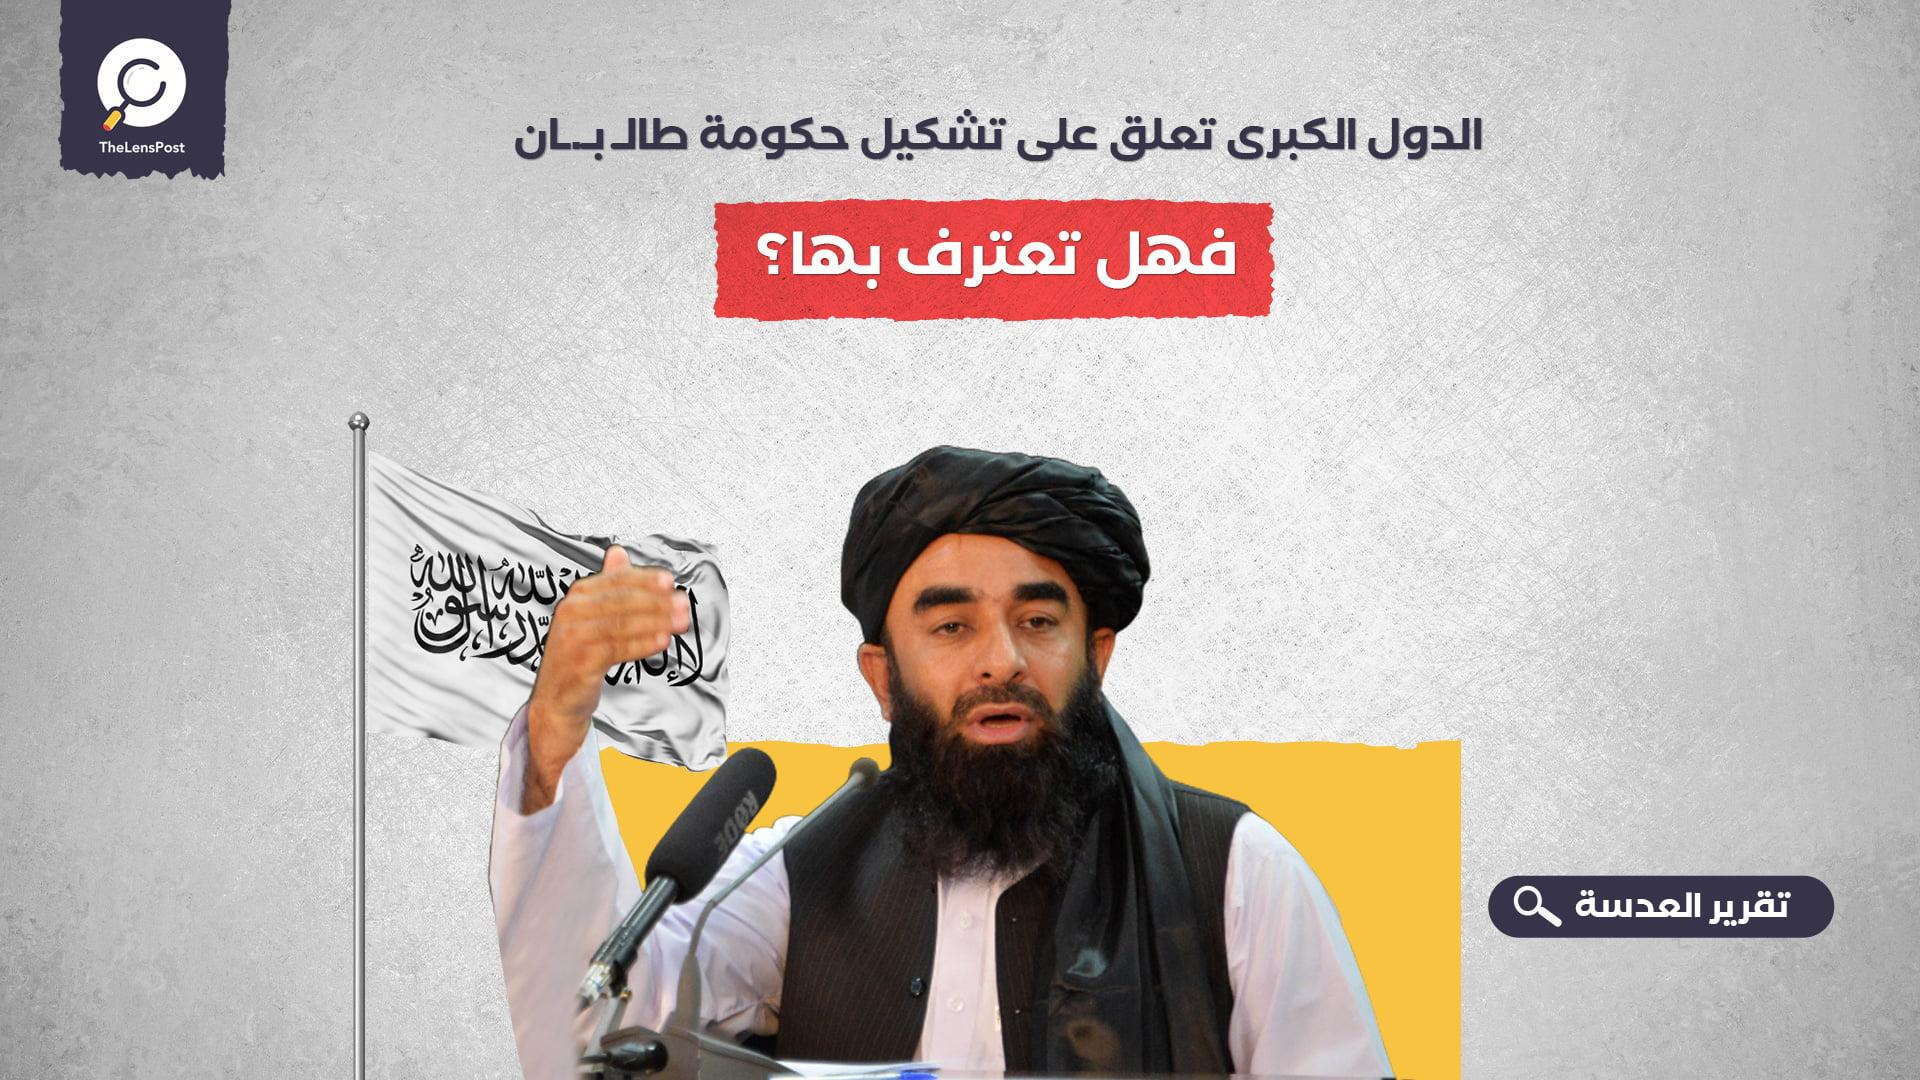 الدول الكبرى تعلق على تشكيل حكومة طالبان.. فهل تعترف بها؟